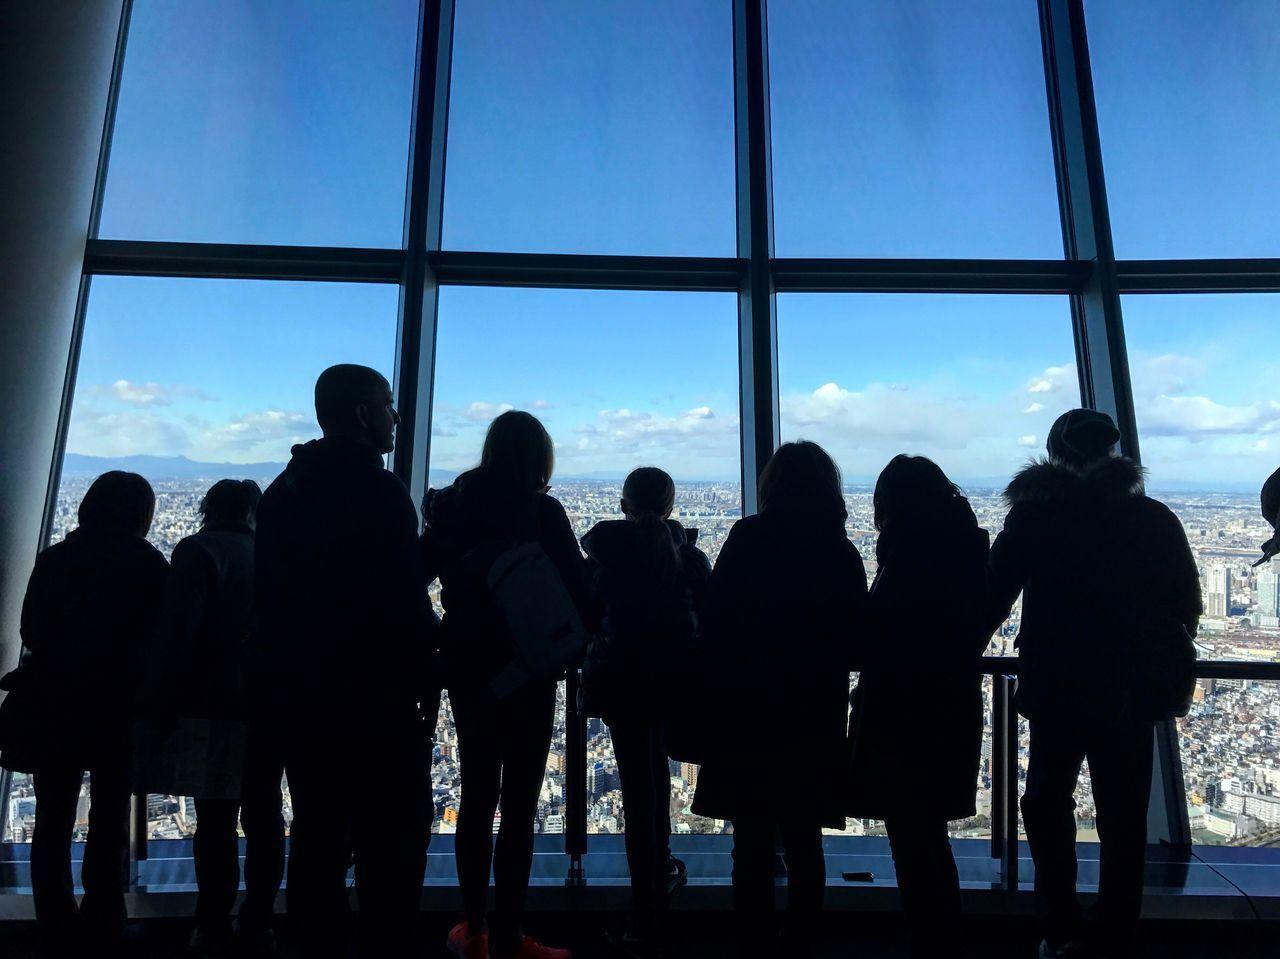 スカイツリー 東京 Window Silhouette Indoors  Men Sky Real People Large Group Of People Built Structure Travel Destinations Architecture Women Day City People Adult